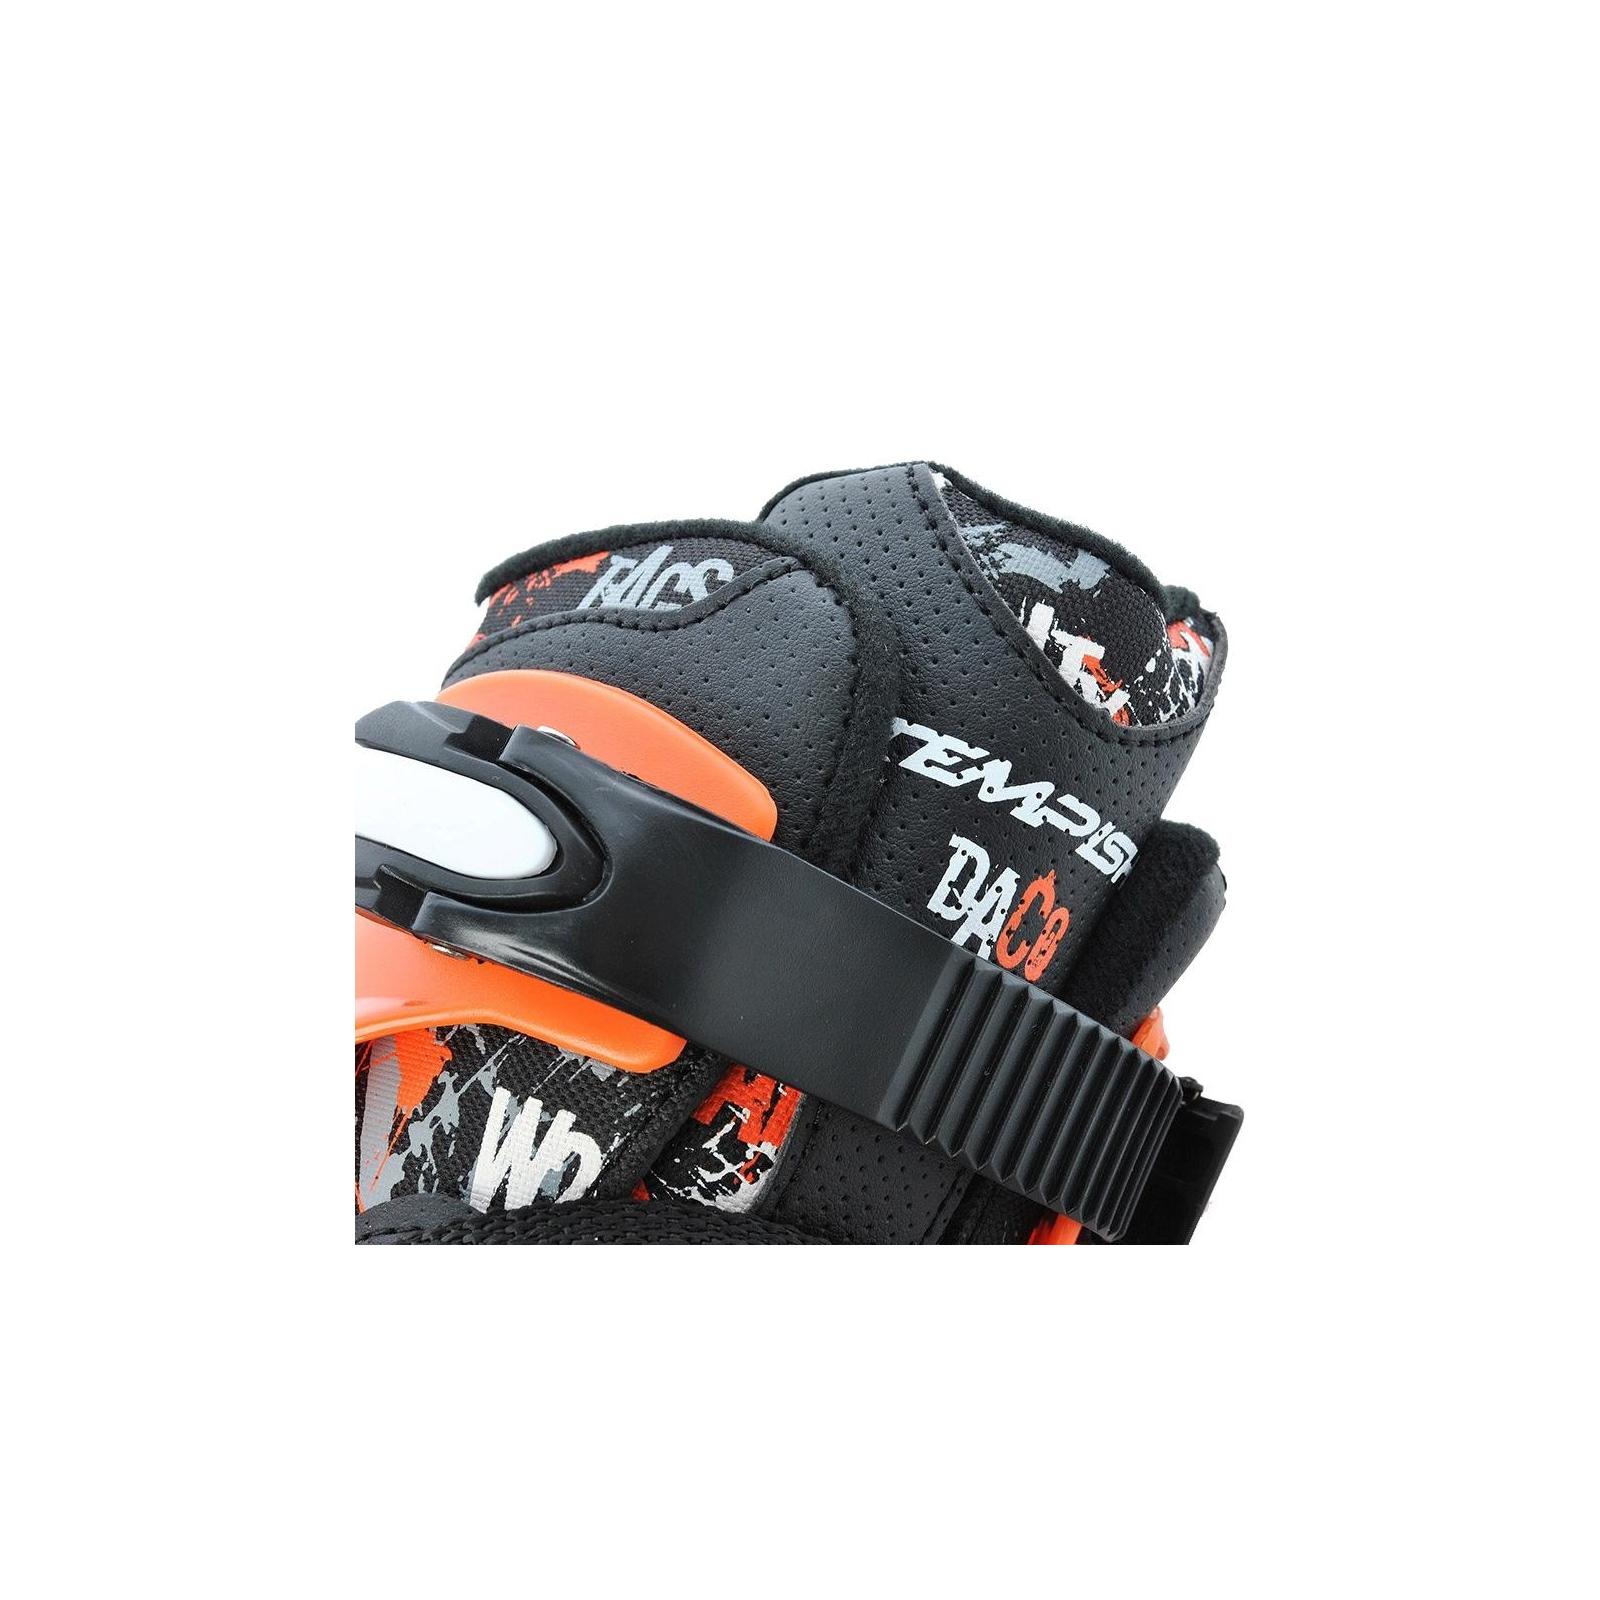 Роликовые коньки Tempish DACO black/40-43 1000027/BLACK/40-43 (1000027/BLACK/40-43) изображение 8